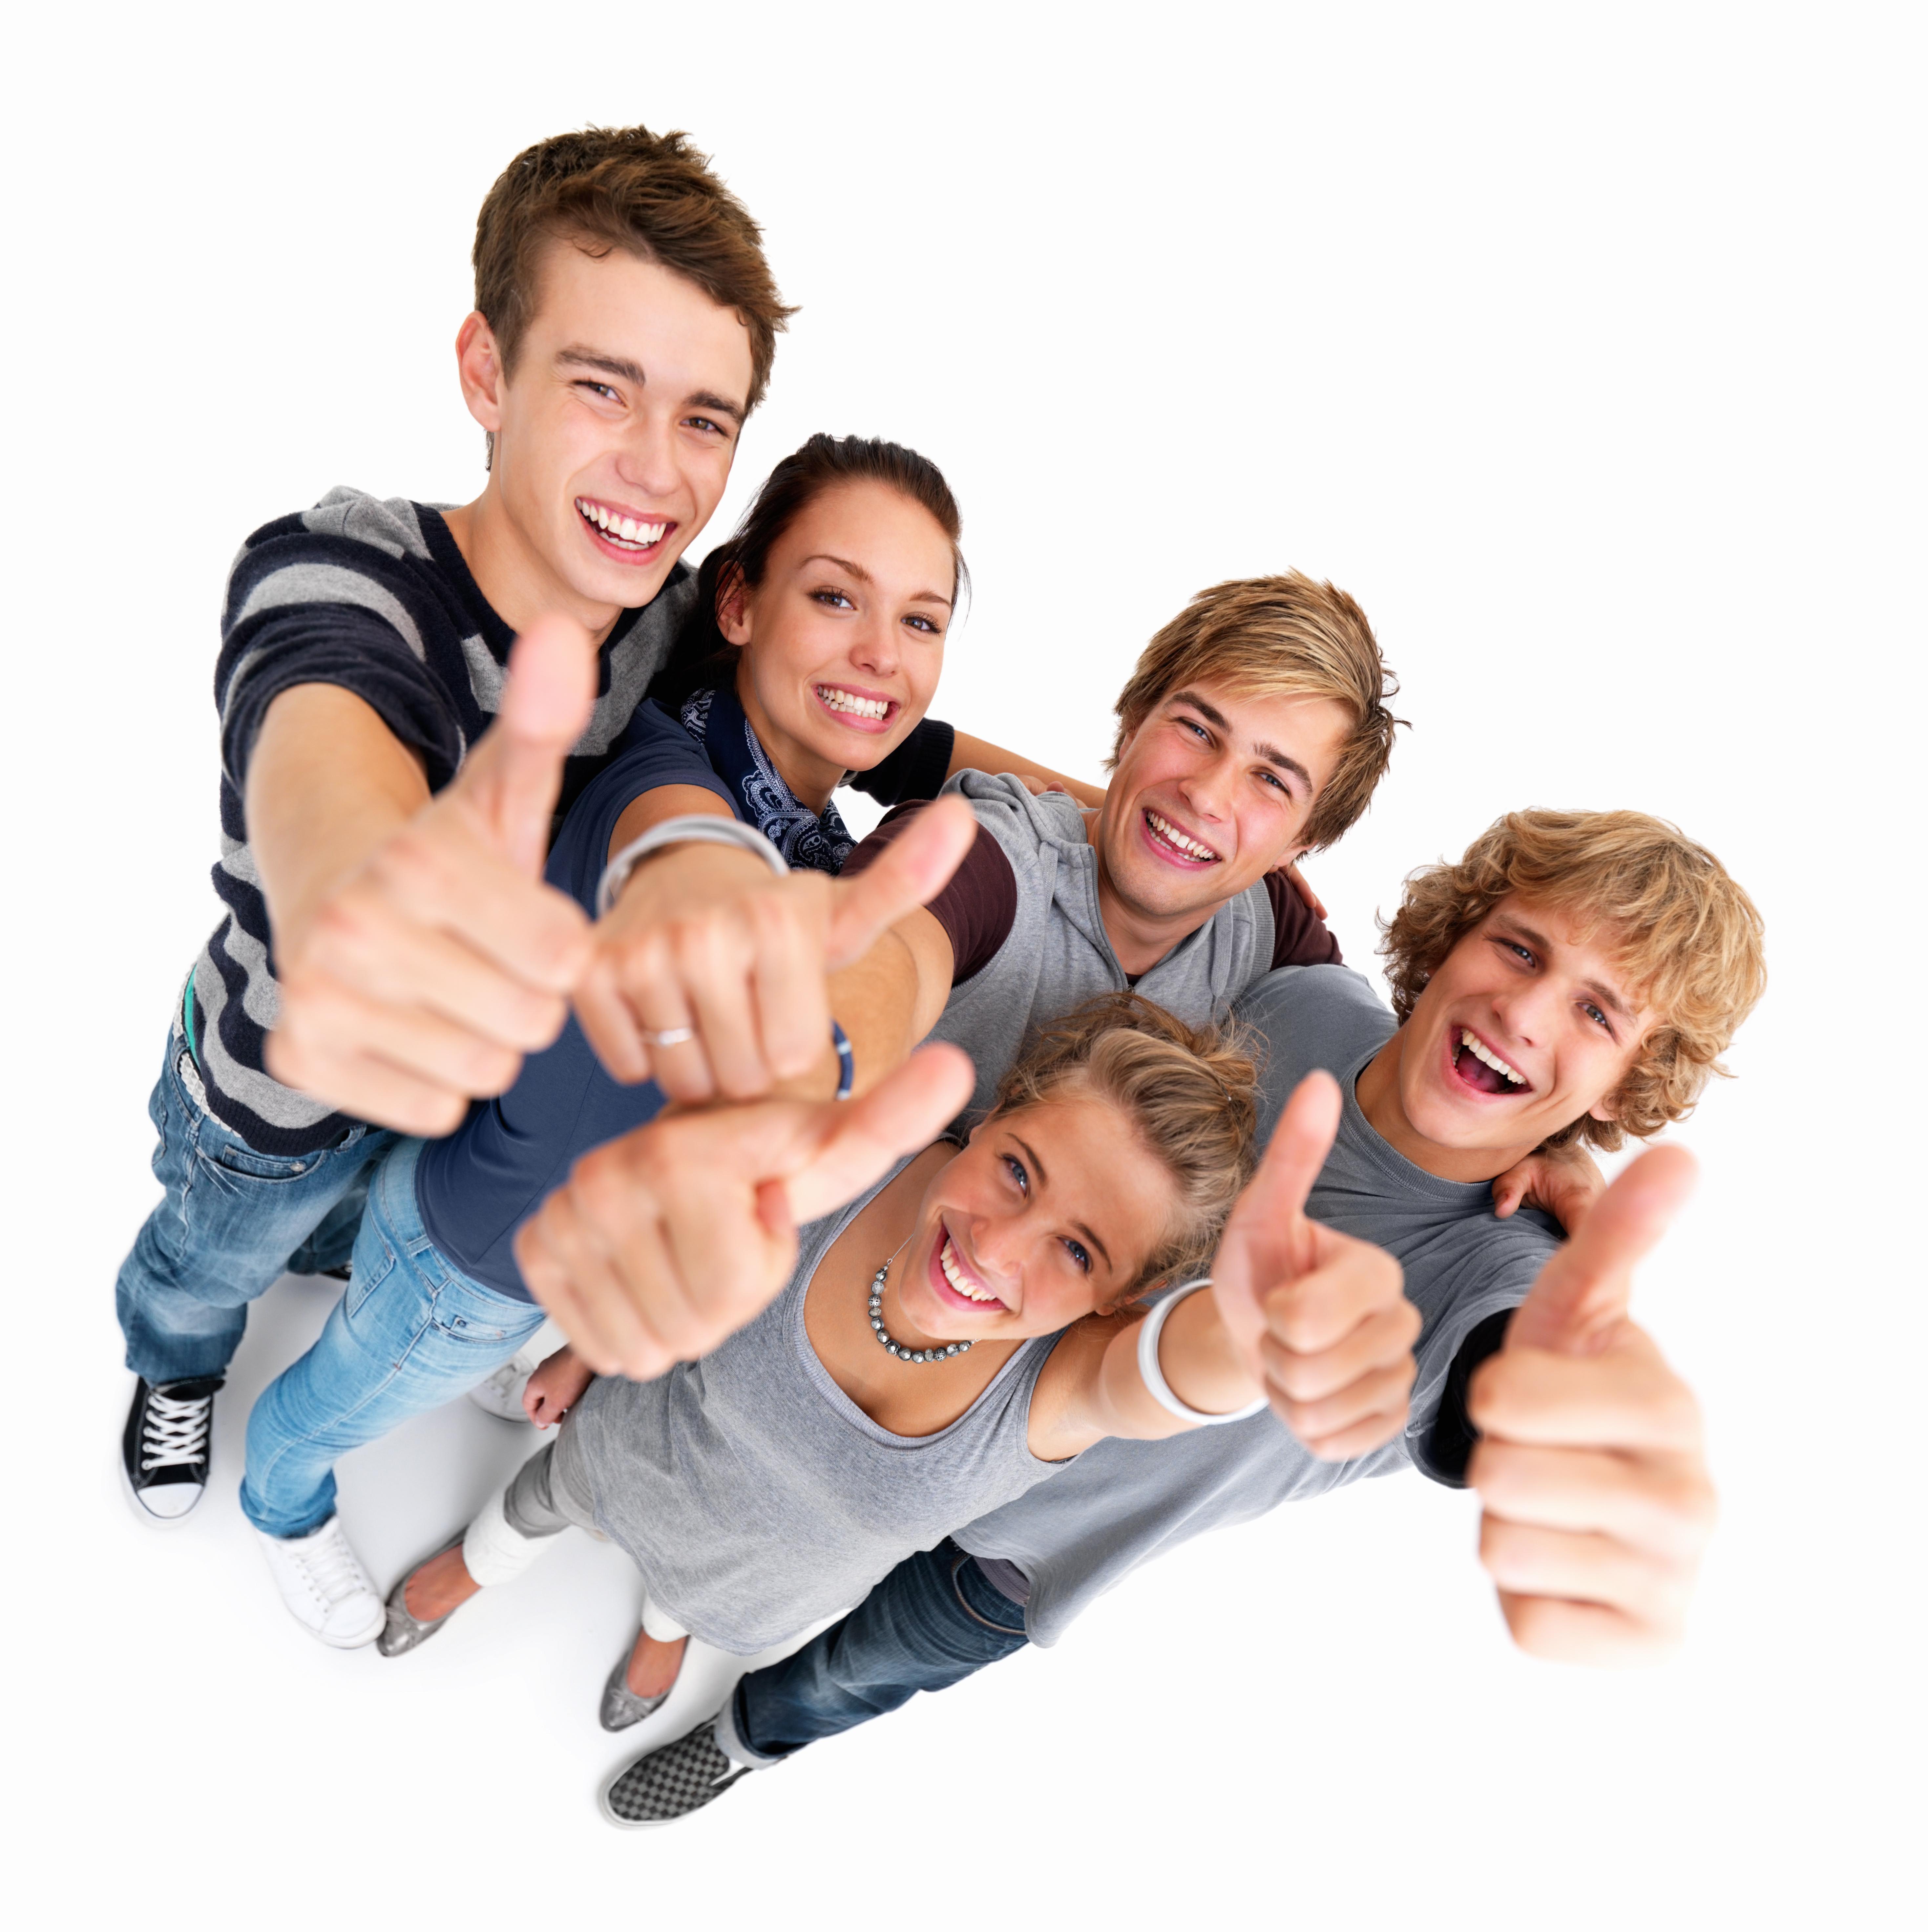 Adolescentes en el extranjero - elperiodicocom